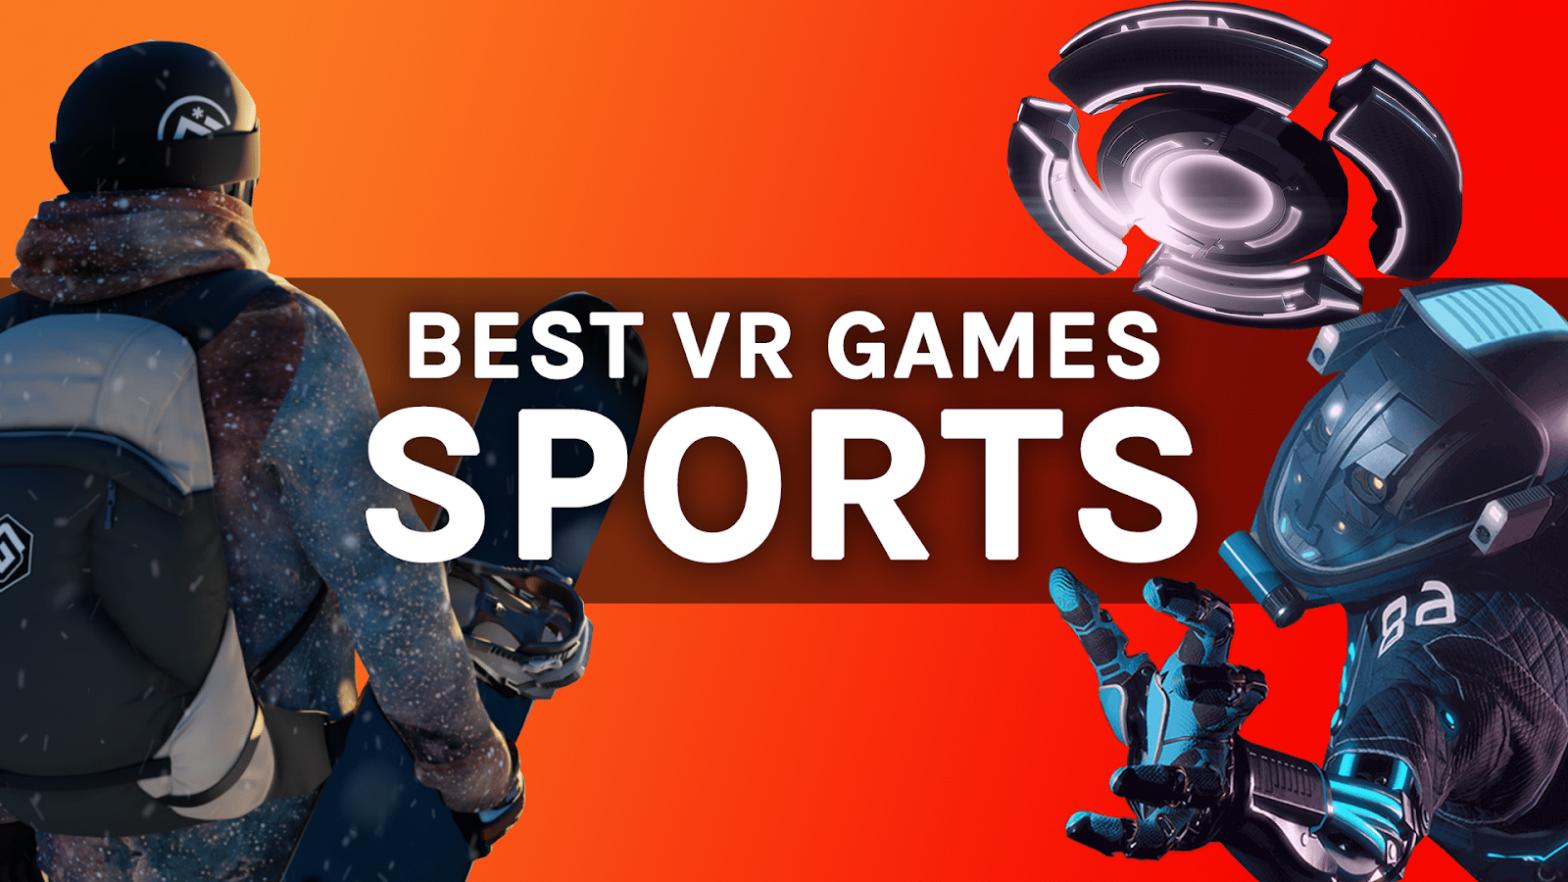 Les meilleurs jeux de sport VR pour Oculus Quest 2